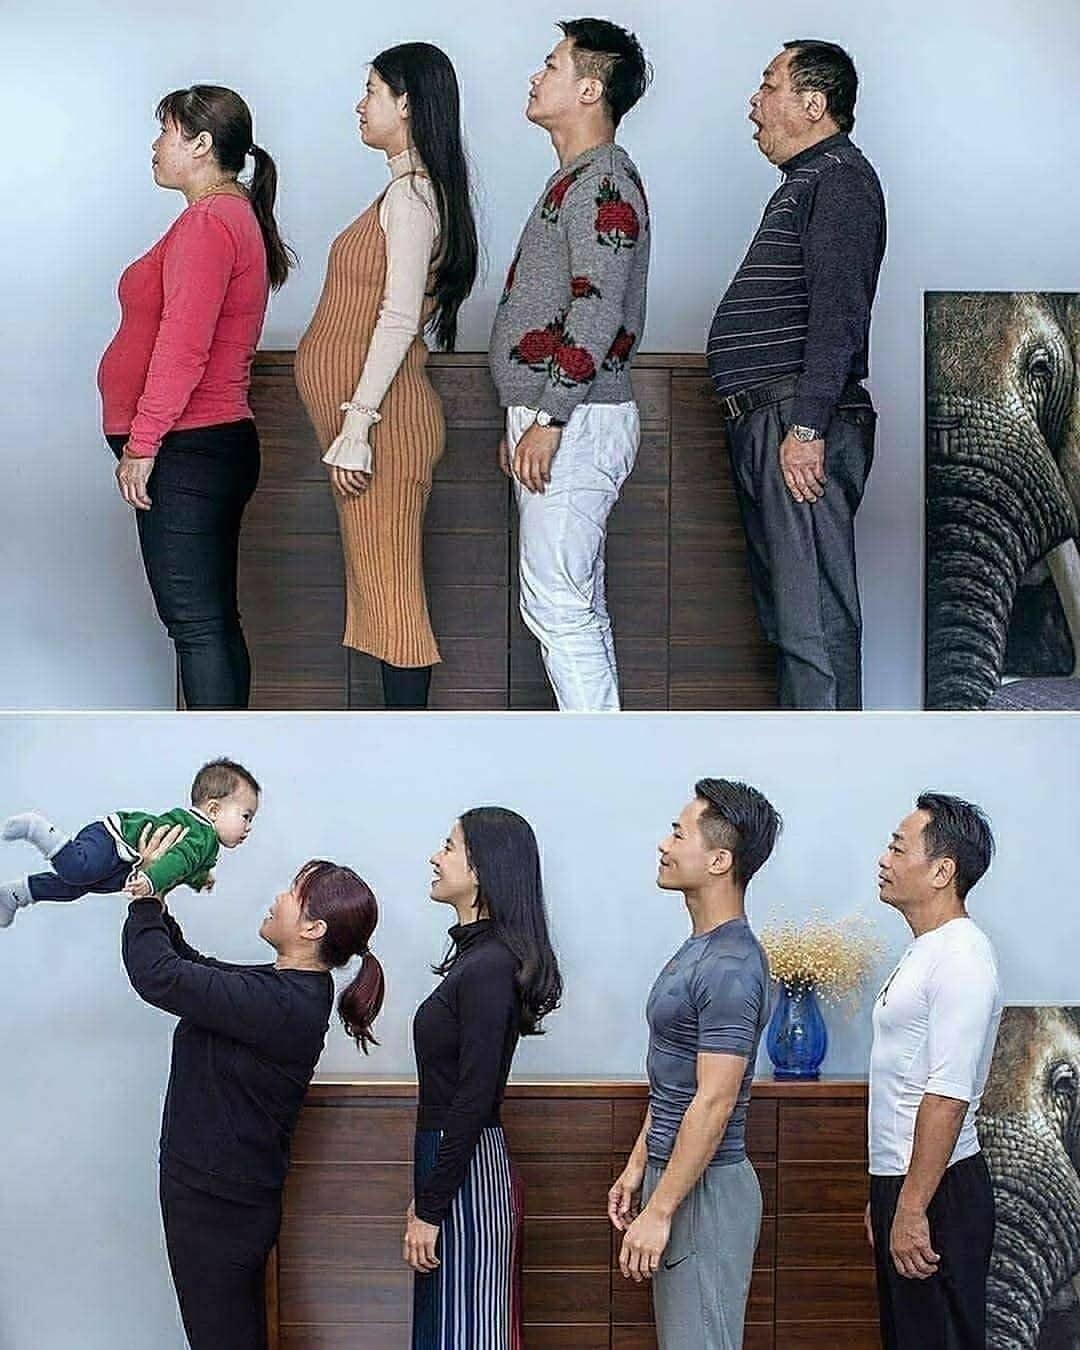 Семья до и после перехода на спорт